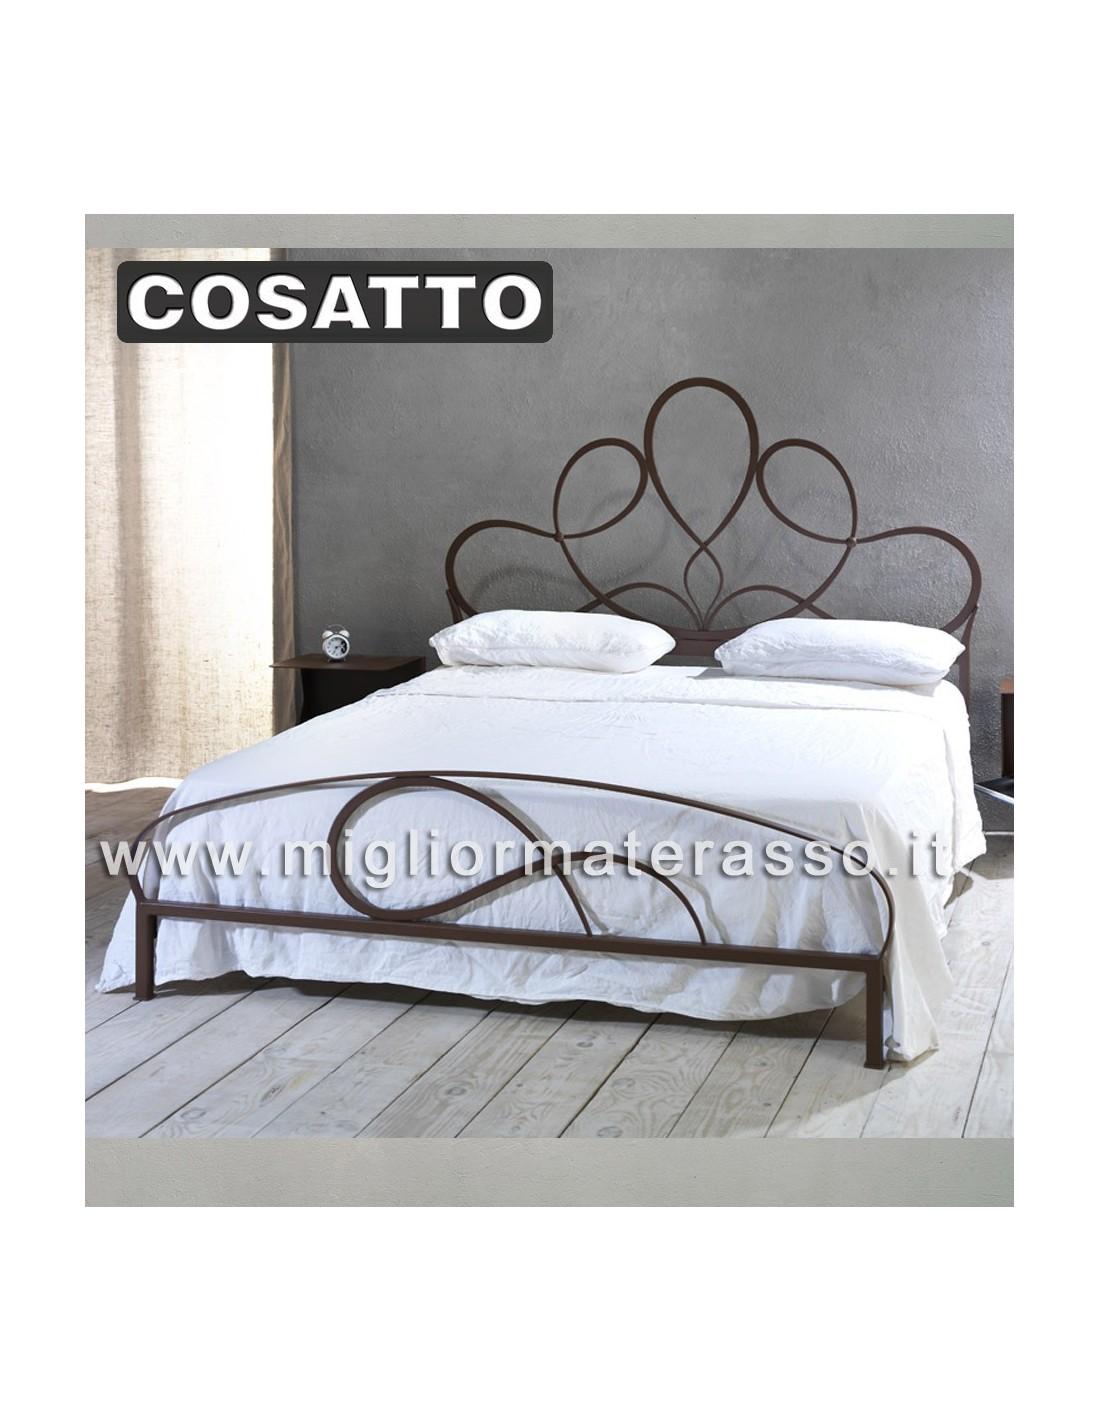 Violetta Cosatto letto in ferro battuto classico prezzo offerta a Roma